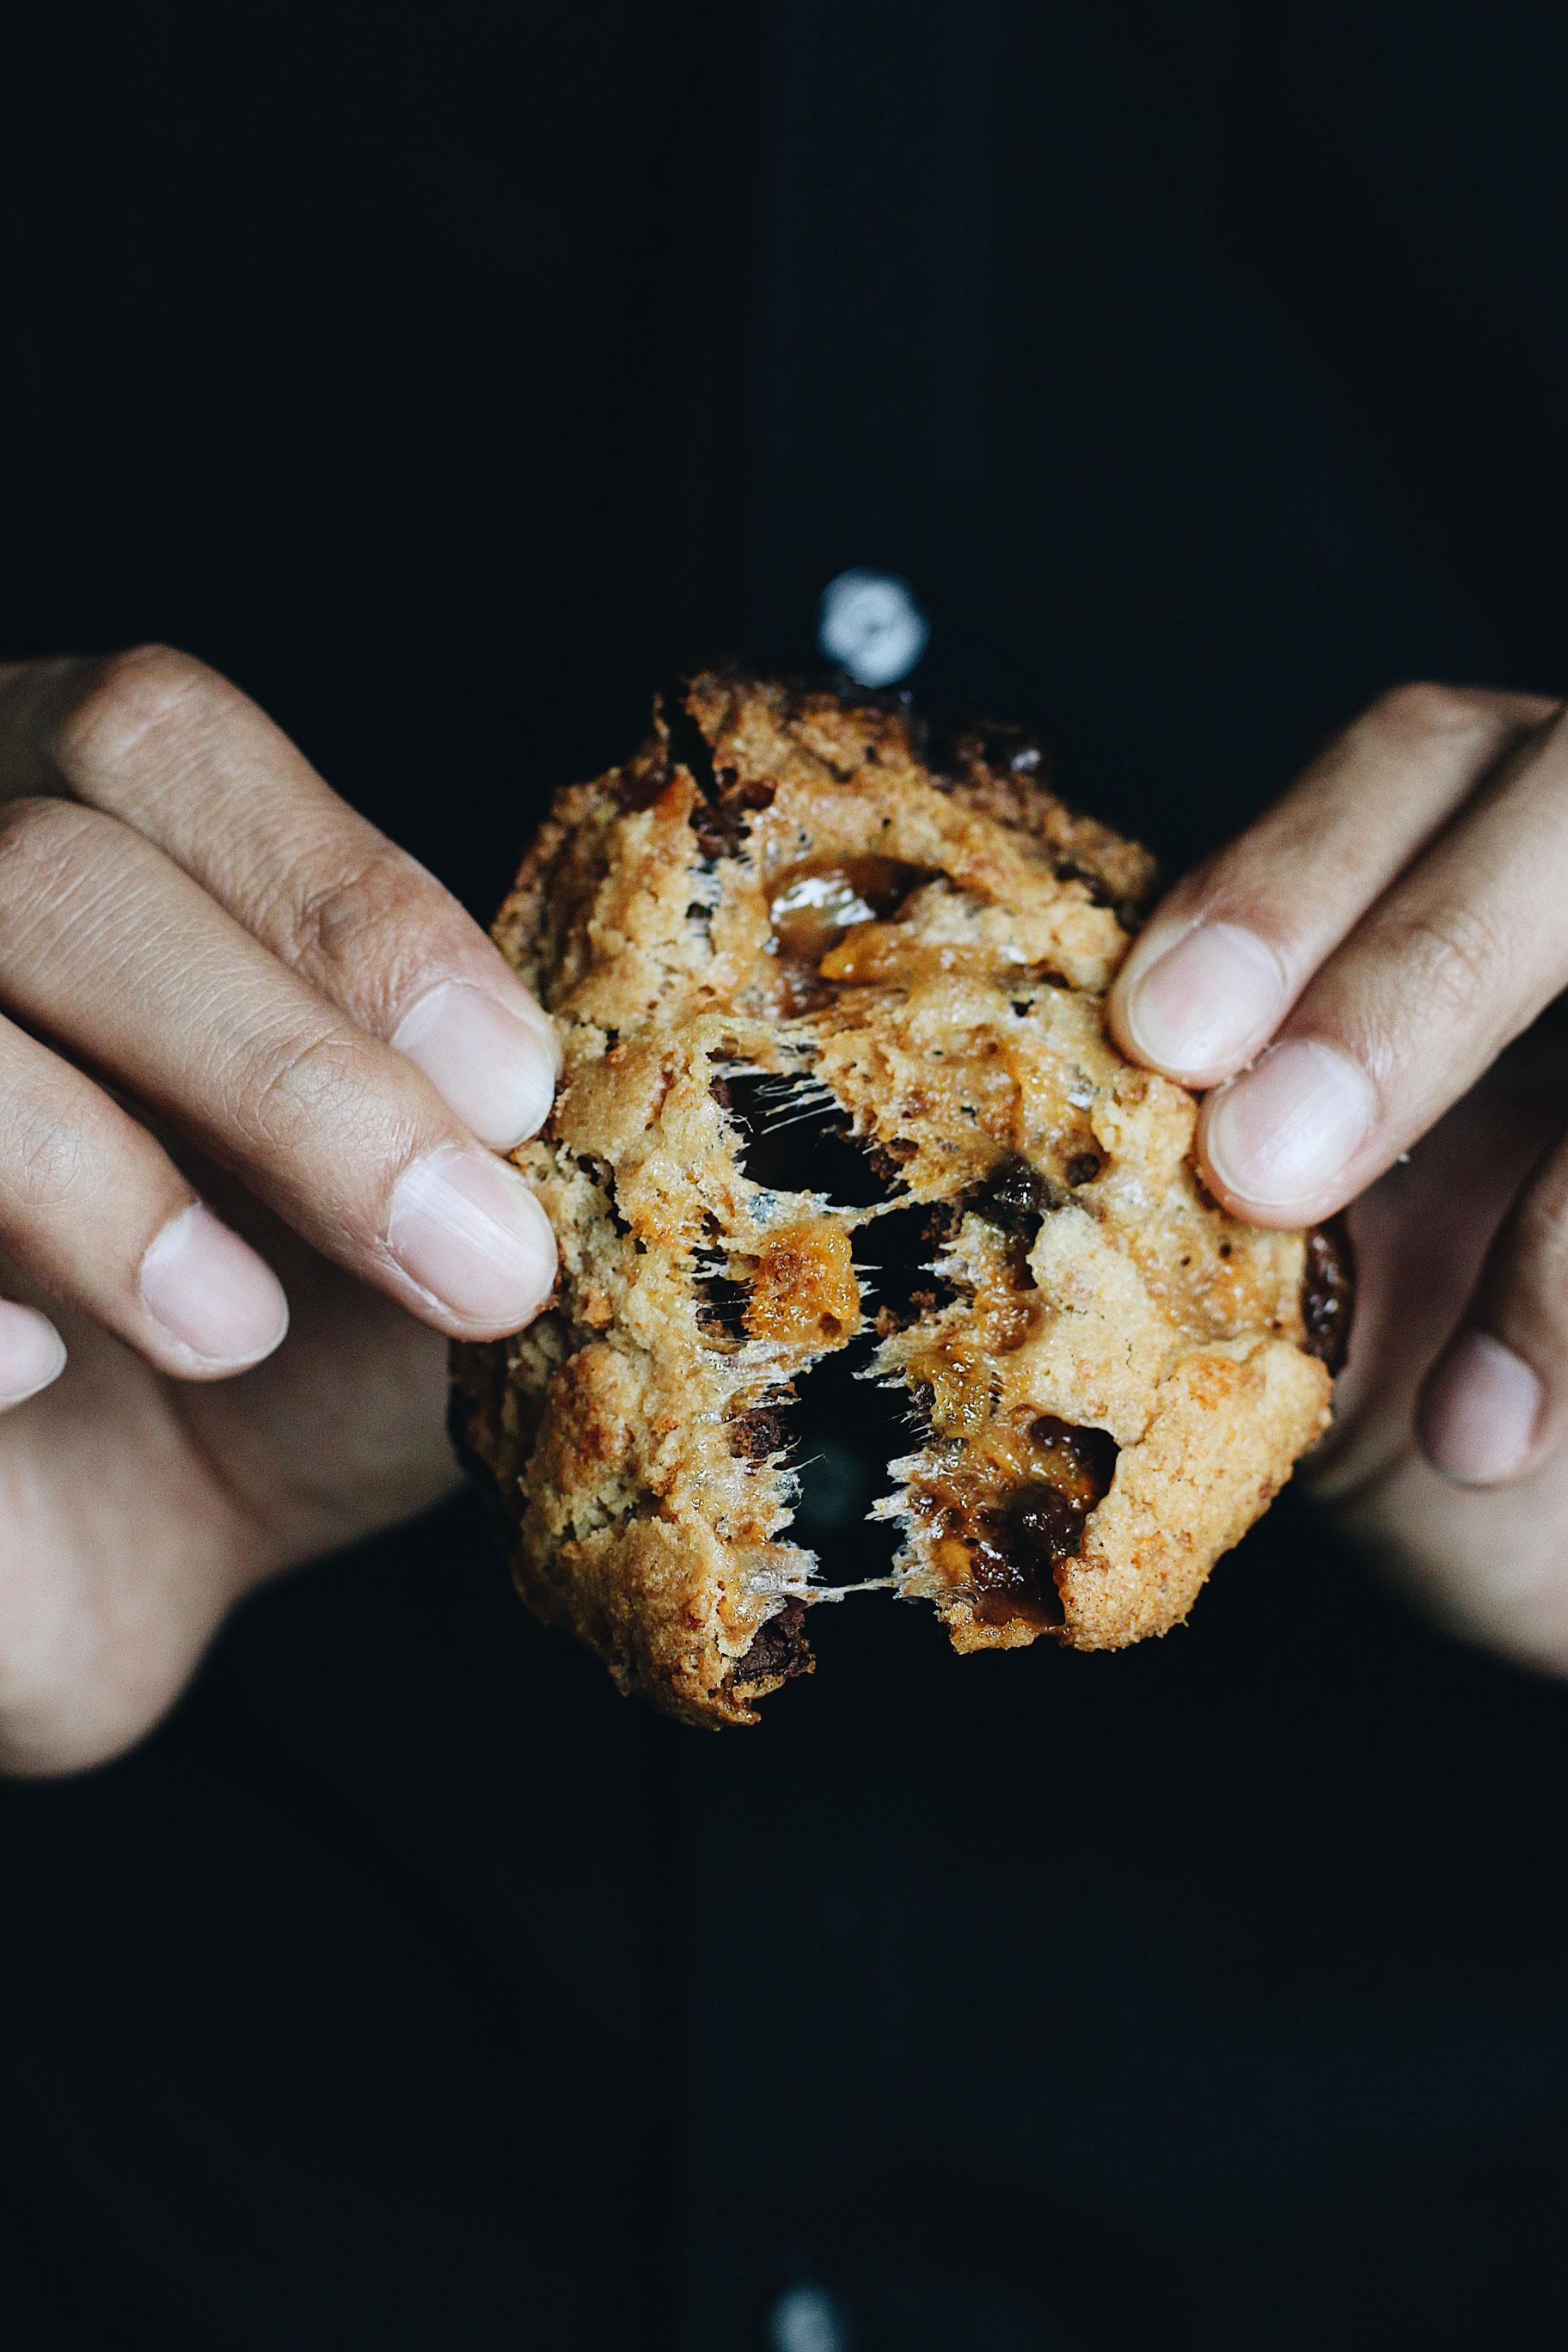 momofuku-milk-bar-cornflake-marshmallow-chocolate-cookie-pull-apart